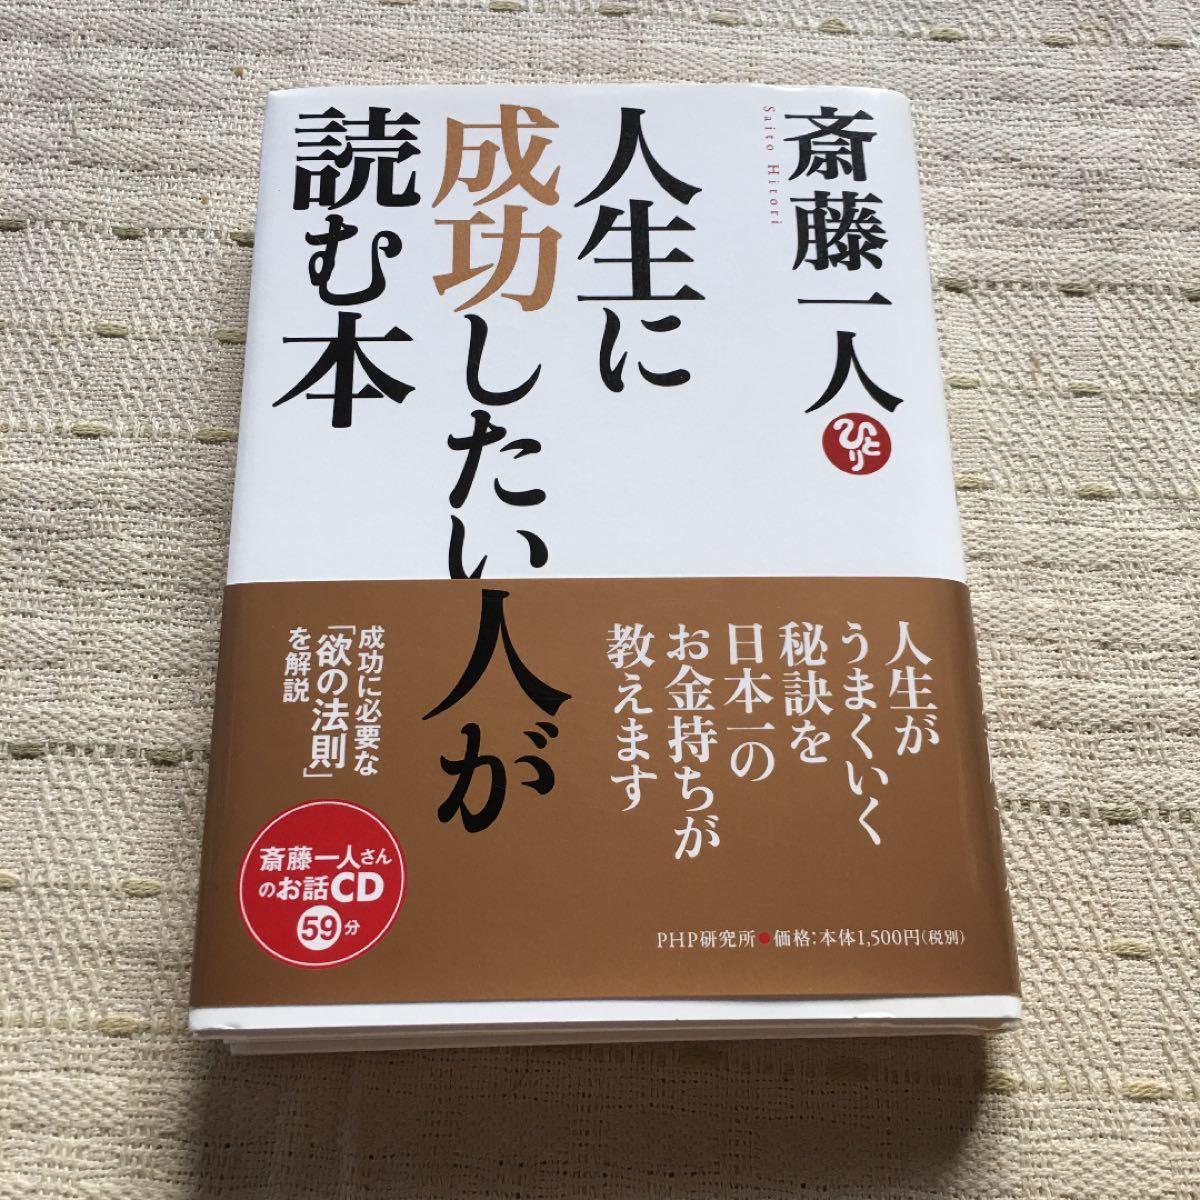 「人生に成功したい人が読む本」斎藤一人